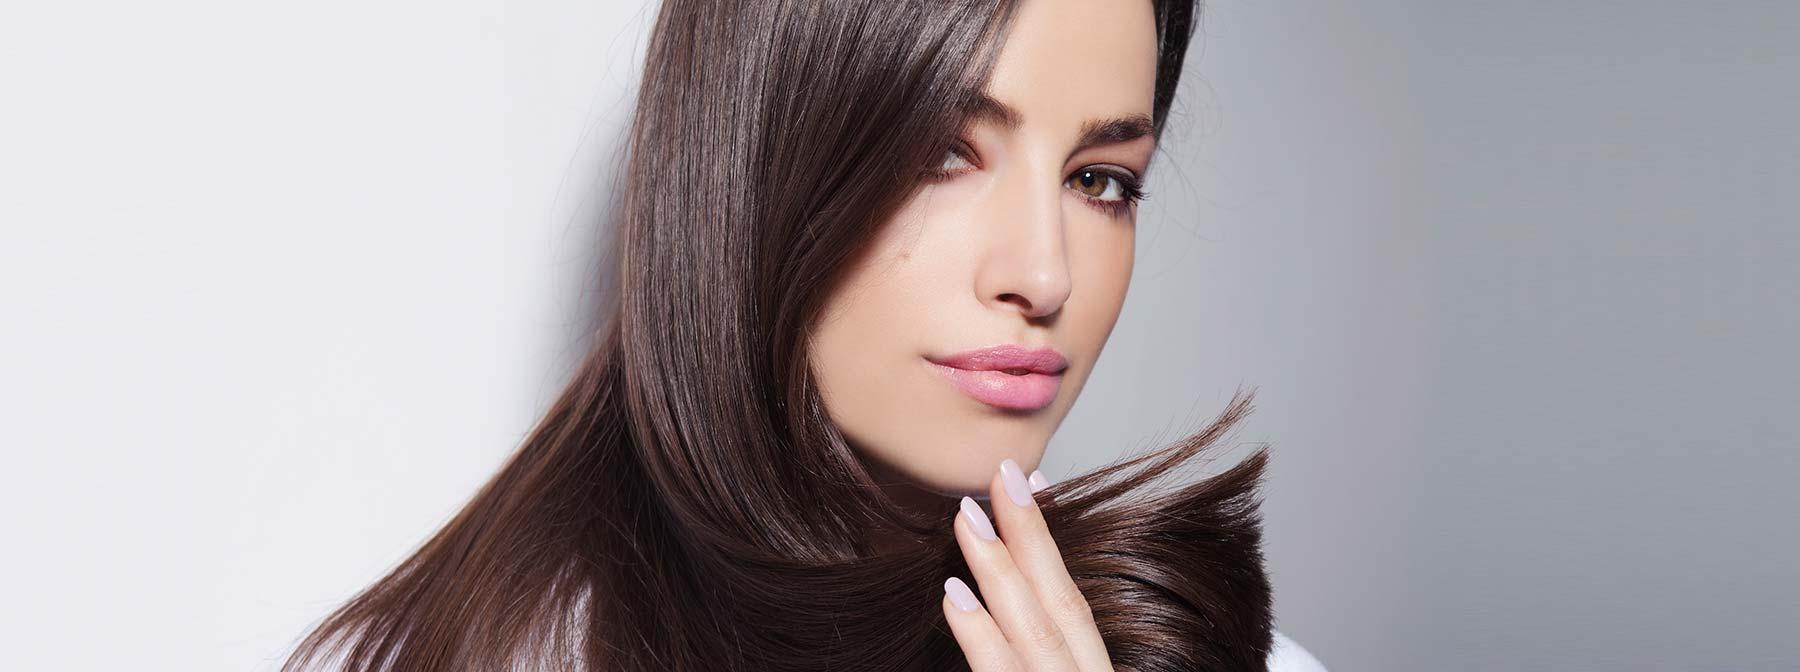 Top 5 Premium Hair Brands